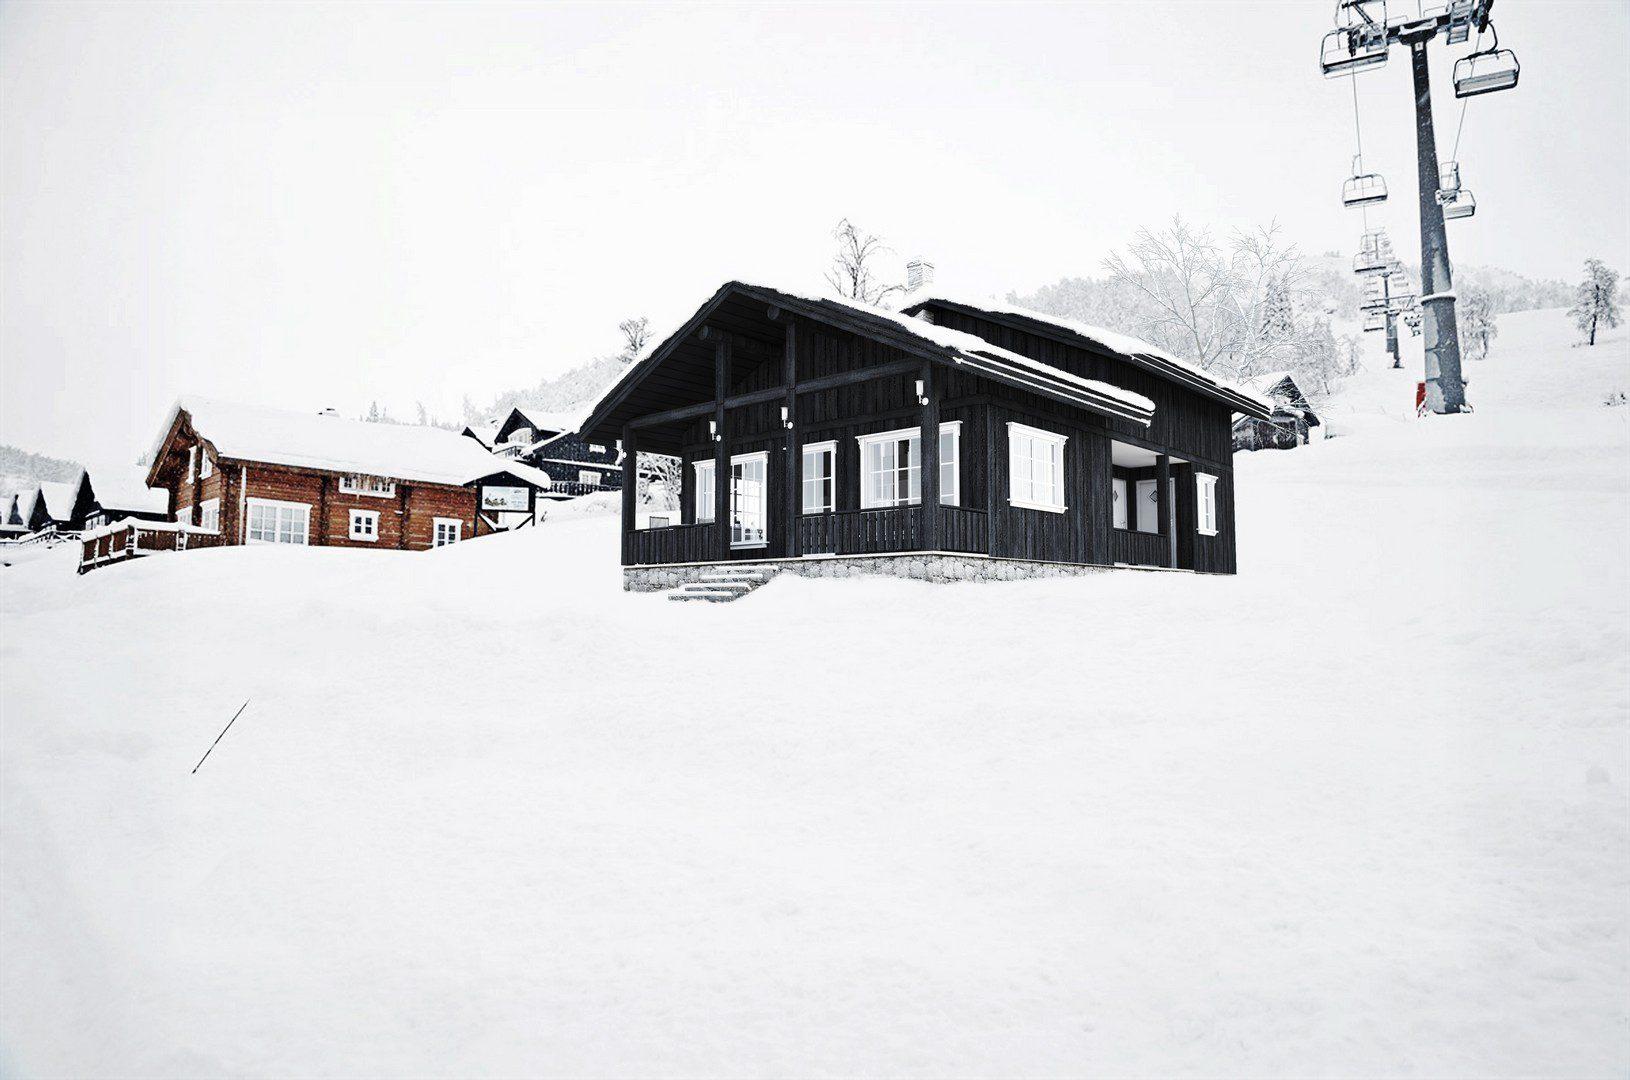 dom letniskowy w górach w norwegii